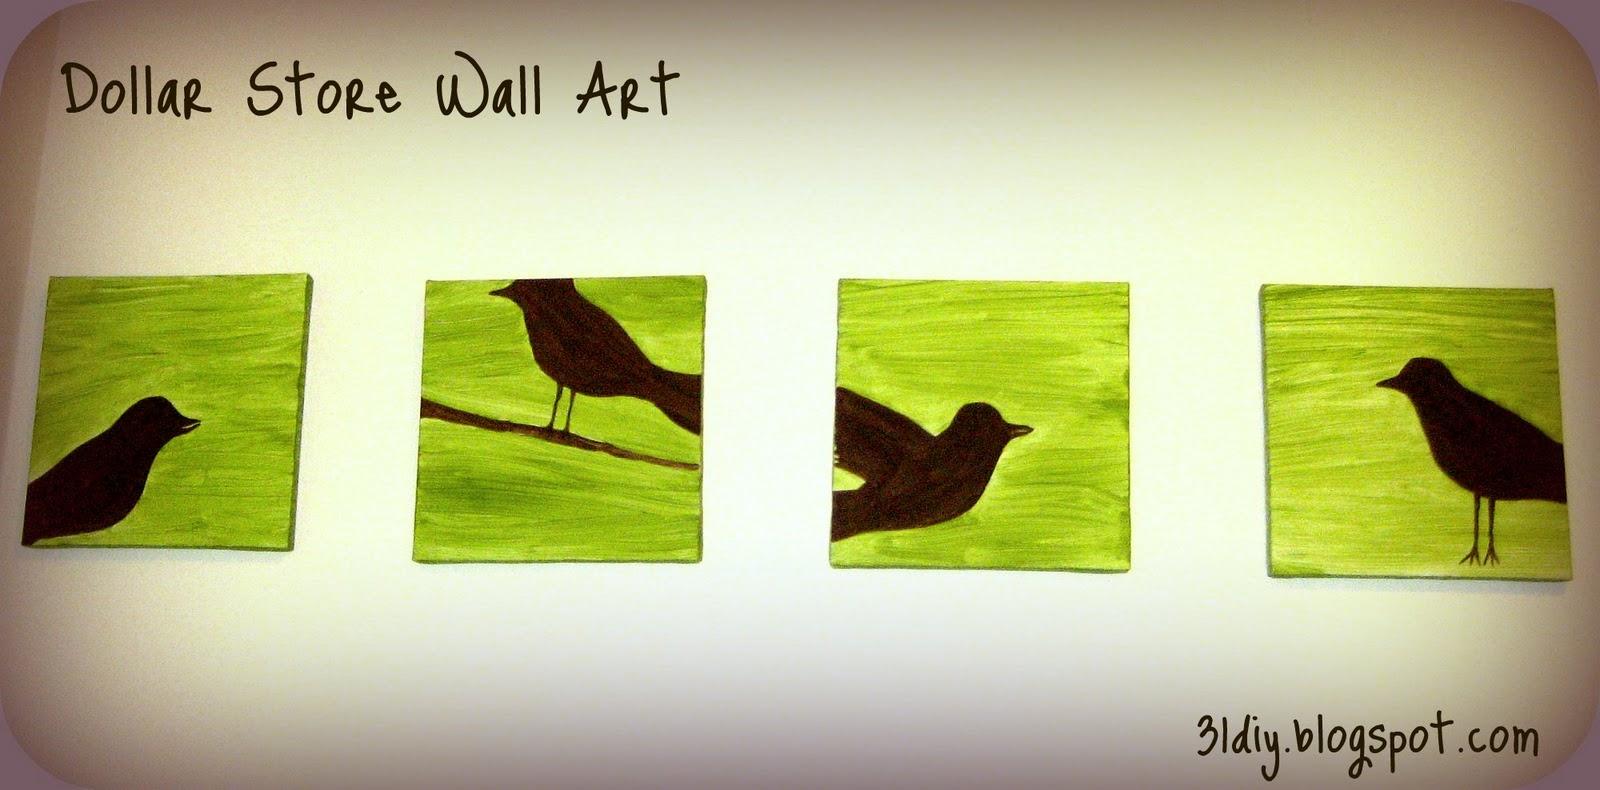 diy dining room wall art. Dollar Store Wall Art  tutorial 31 diy